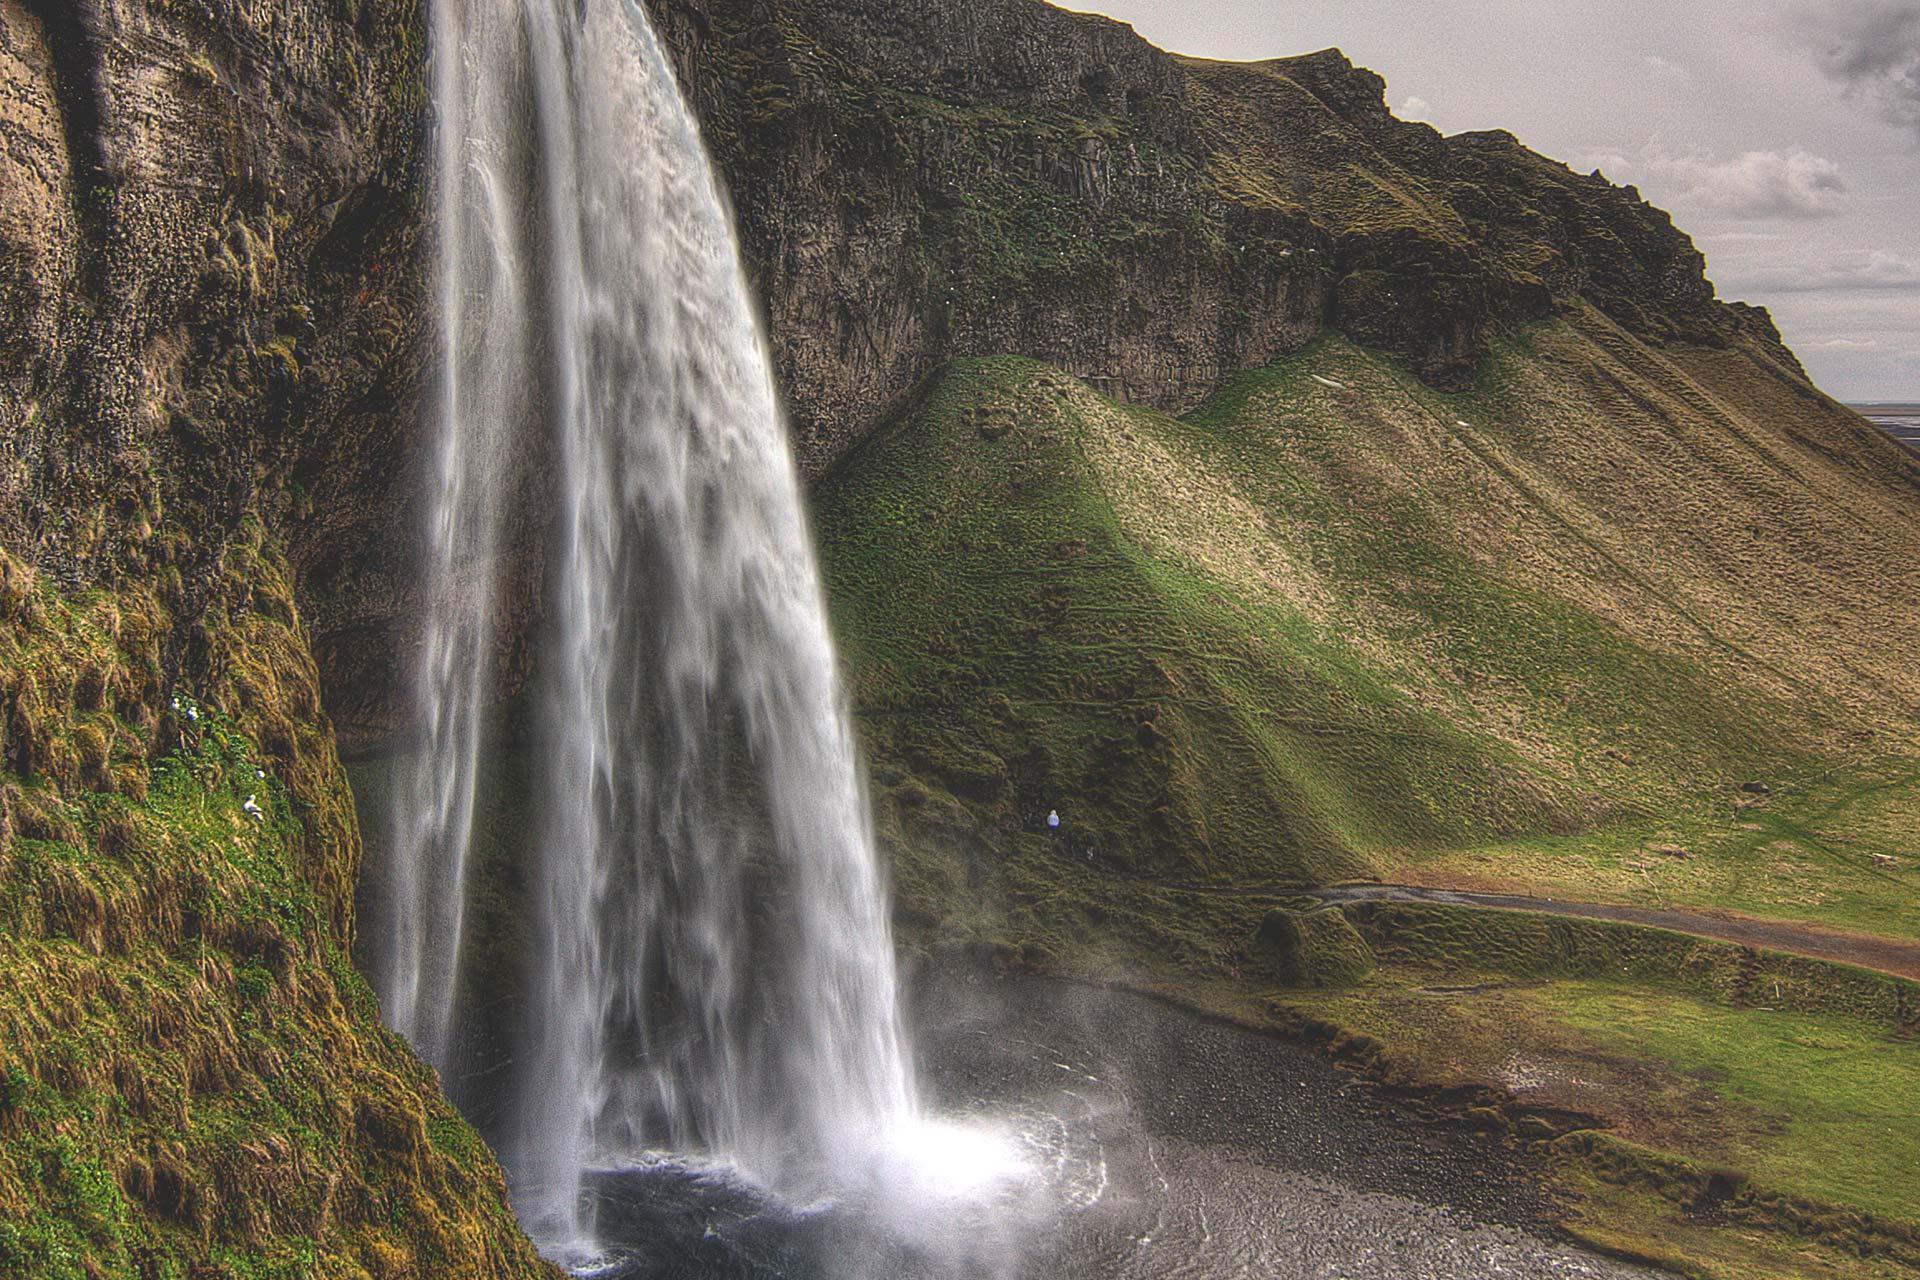 Zobacz kaskadę wodospadu Seljalandsfoss spływającą po klifach na południowym wybrzeżu Islandii.